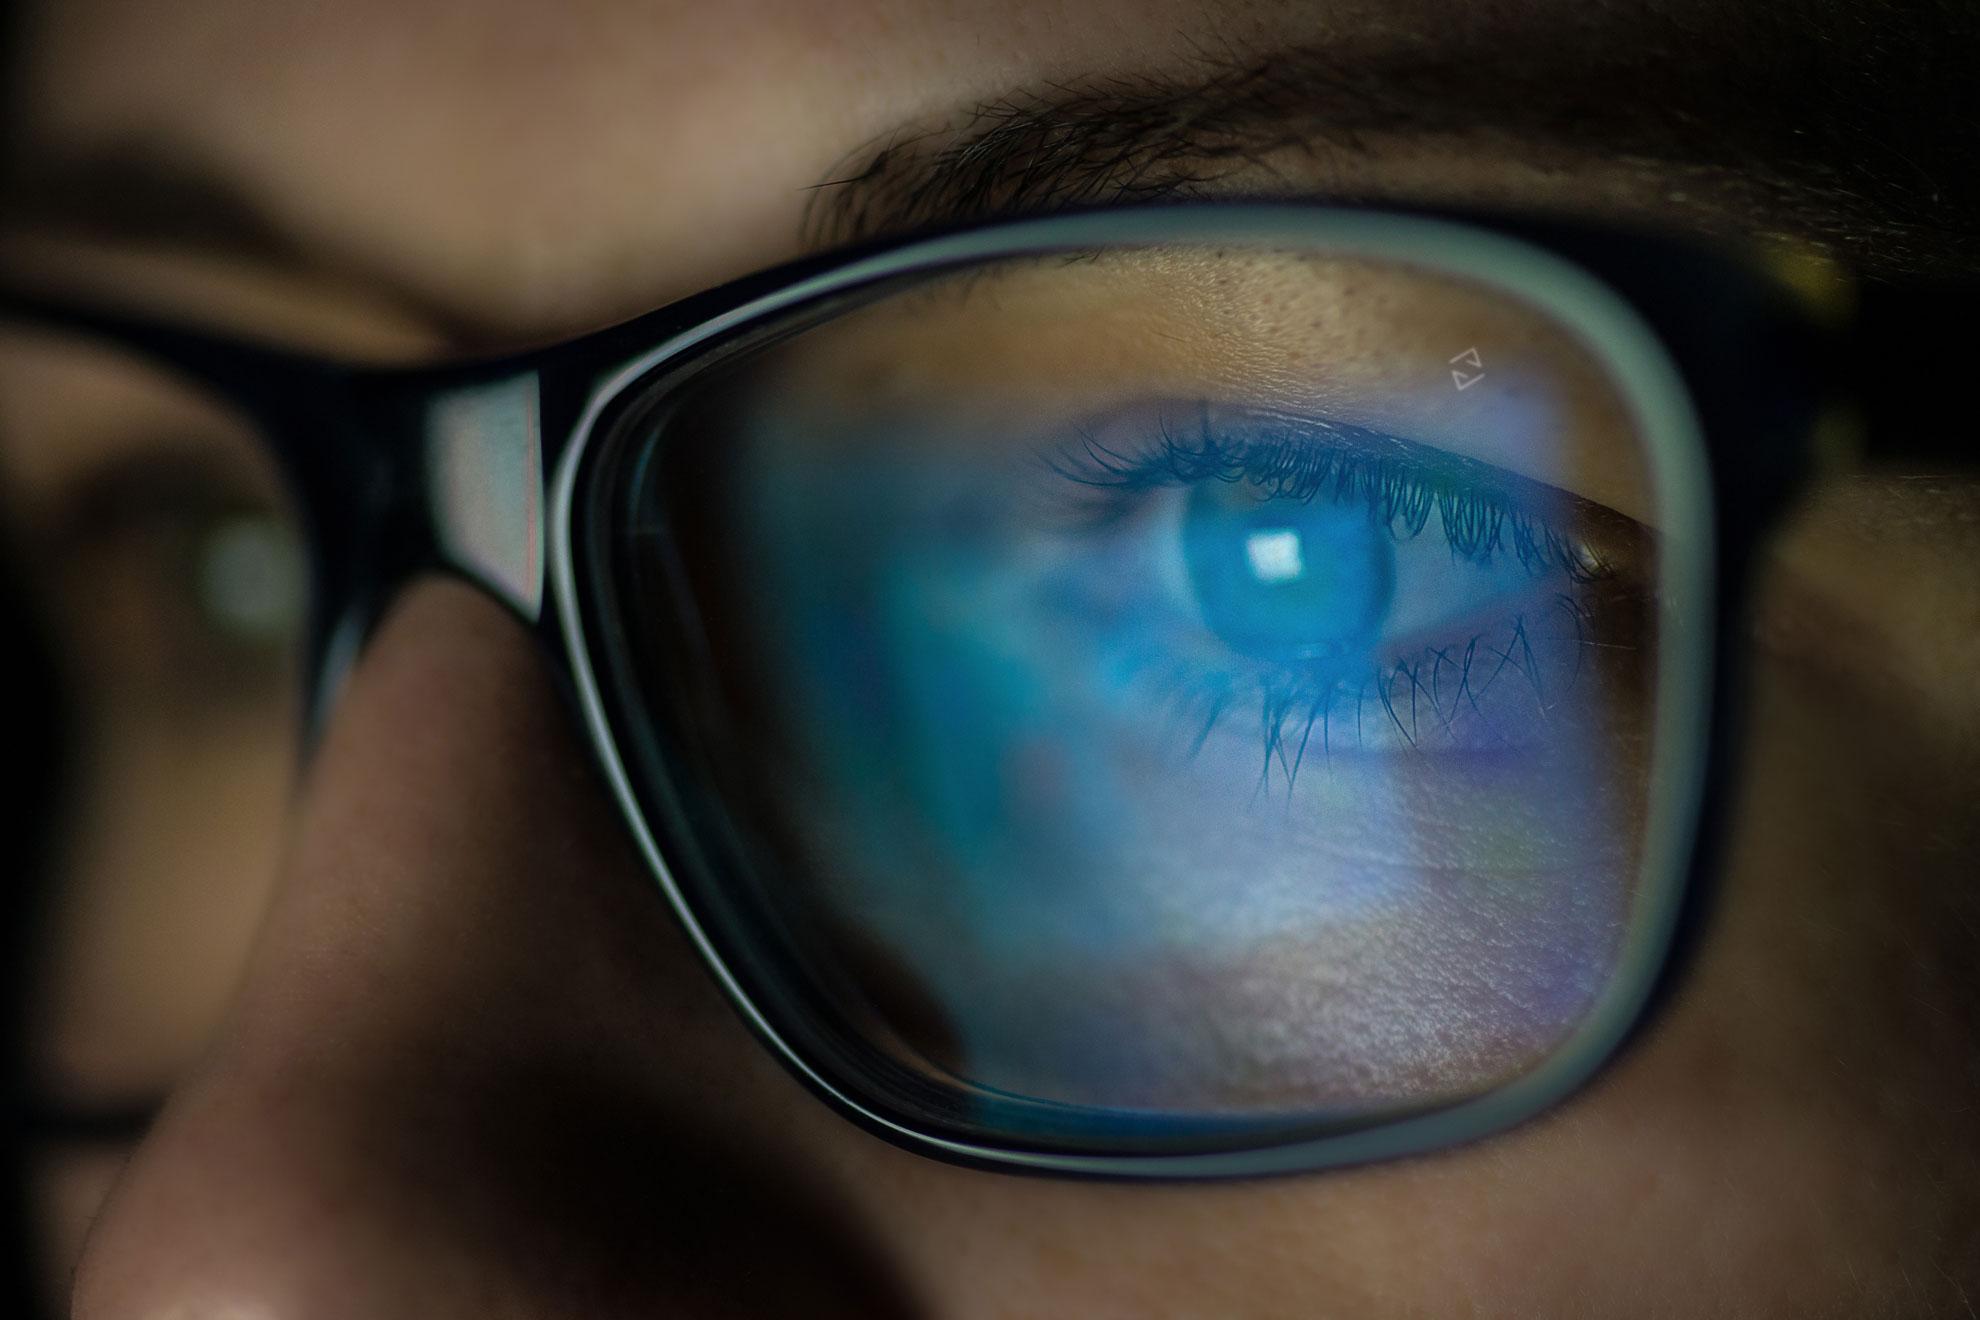 Calazionul afectează vederea